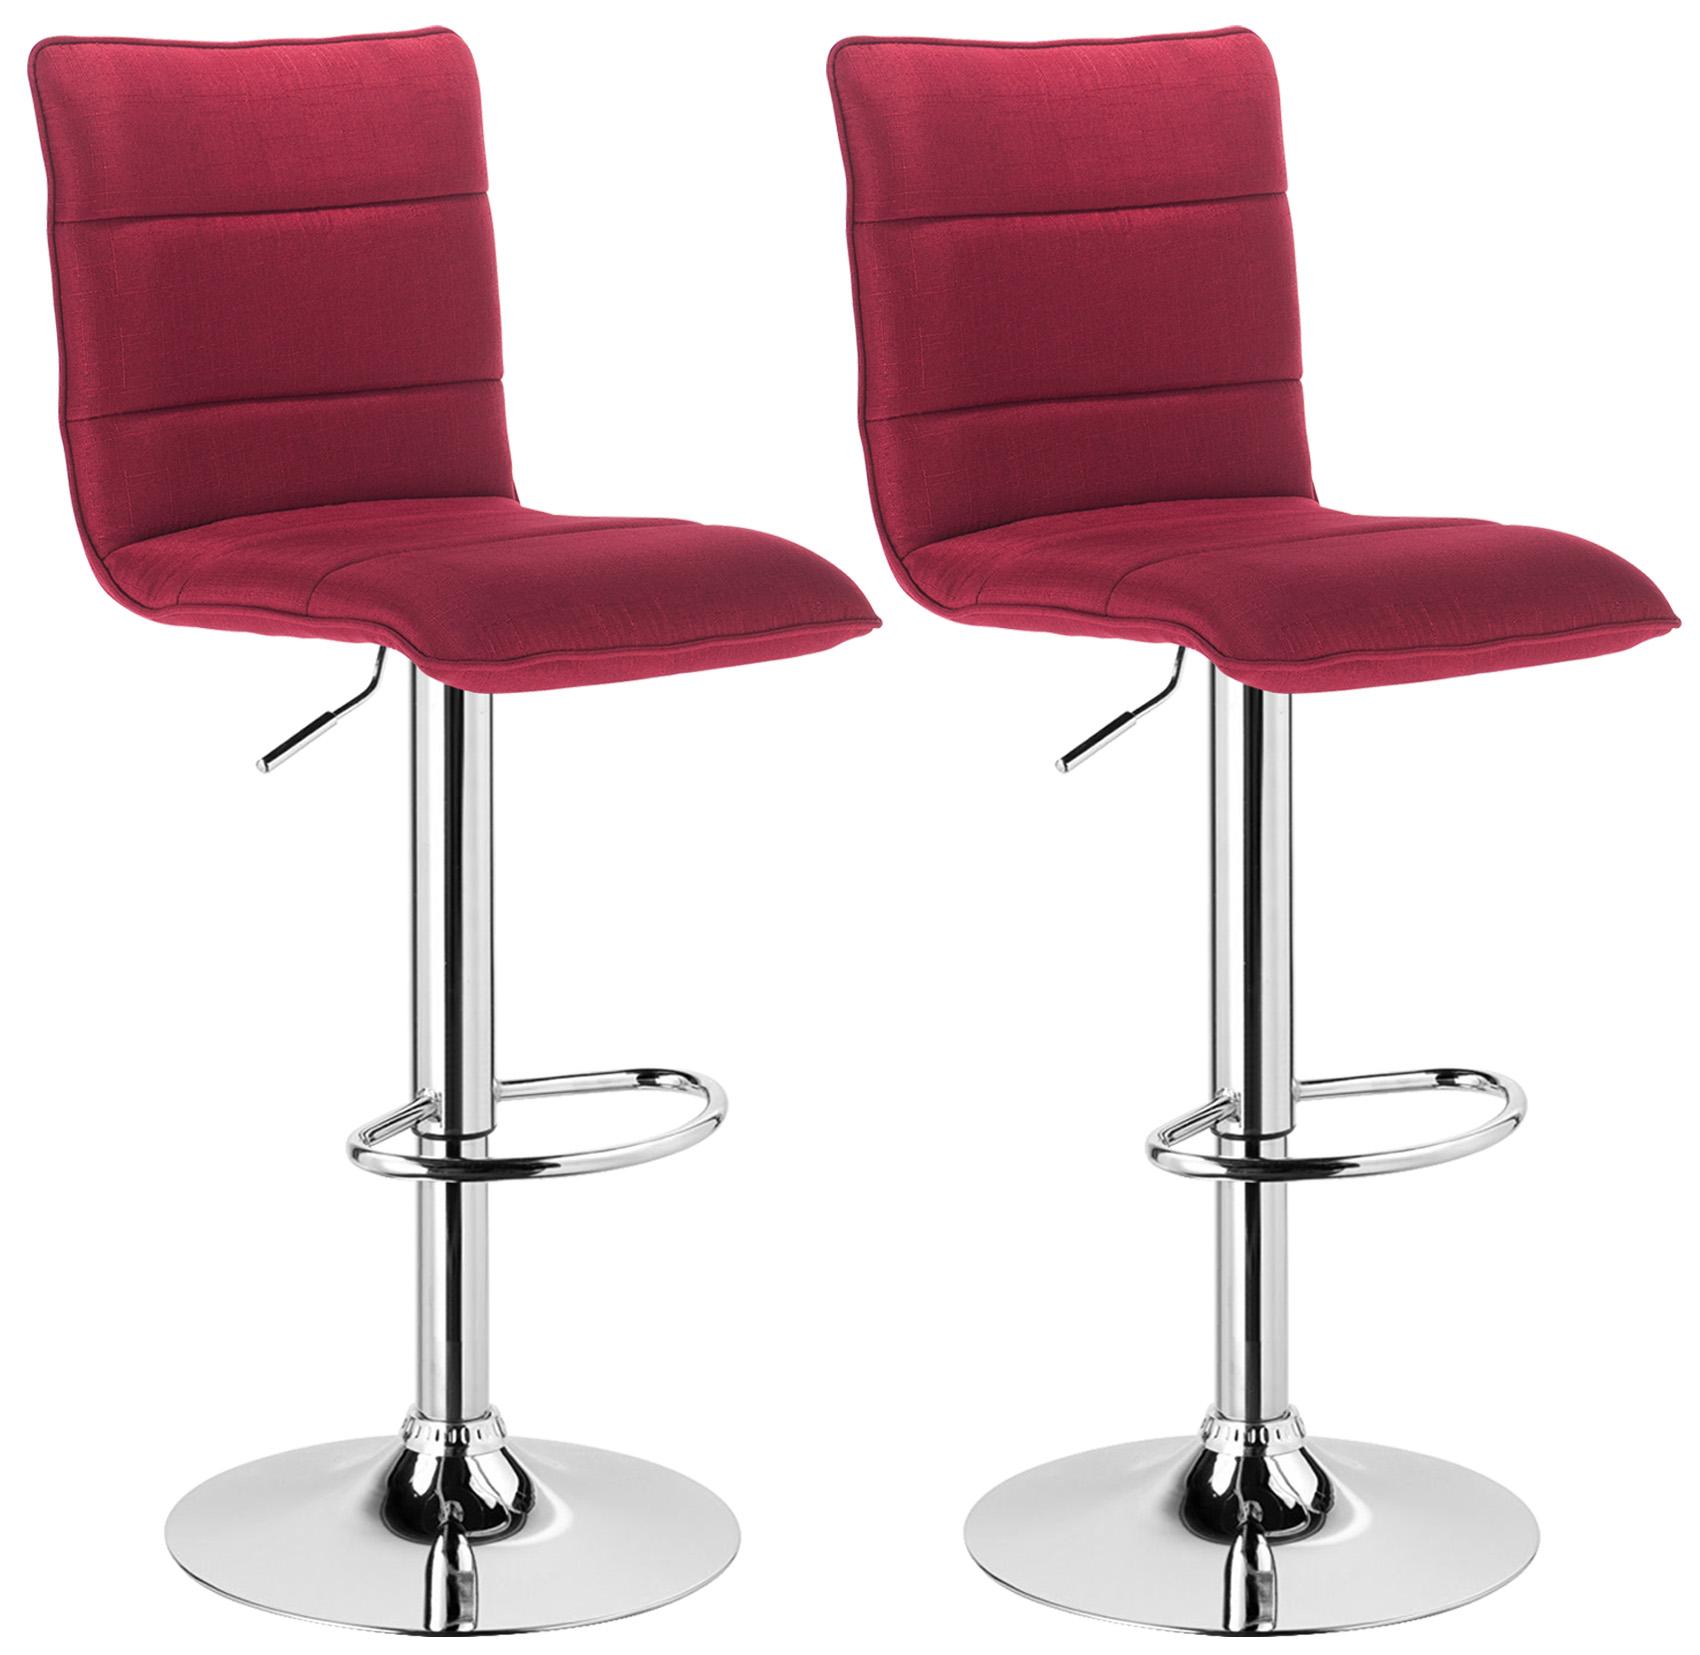 Lot de 2 tabouret de bar avec poign e en pu tissu chaise - Tissus pour recouvrir chaise de cuisine ...